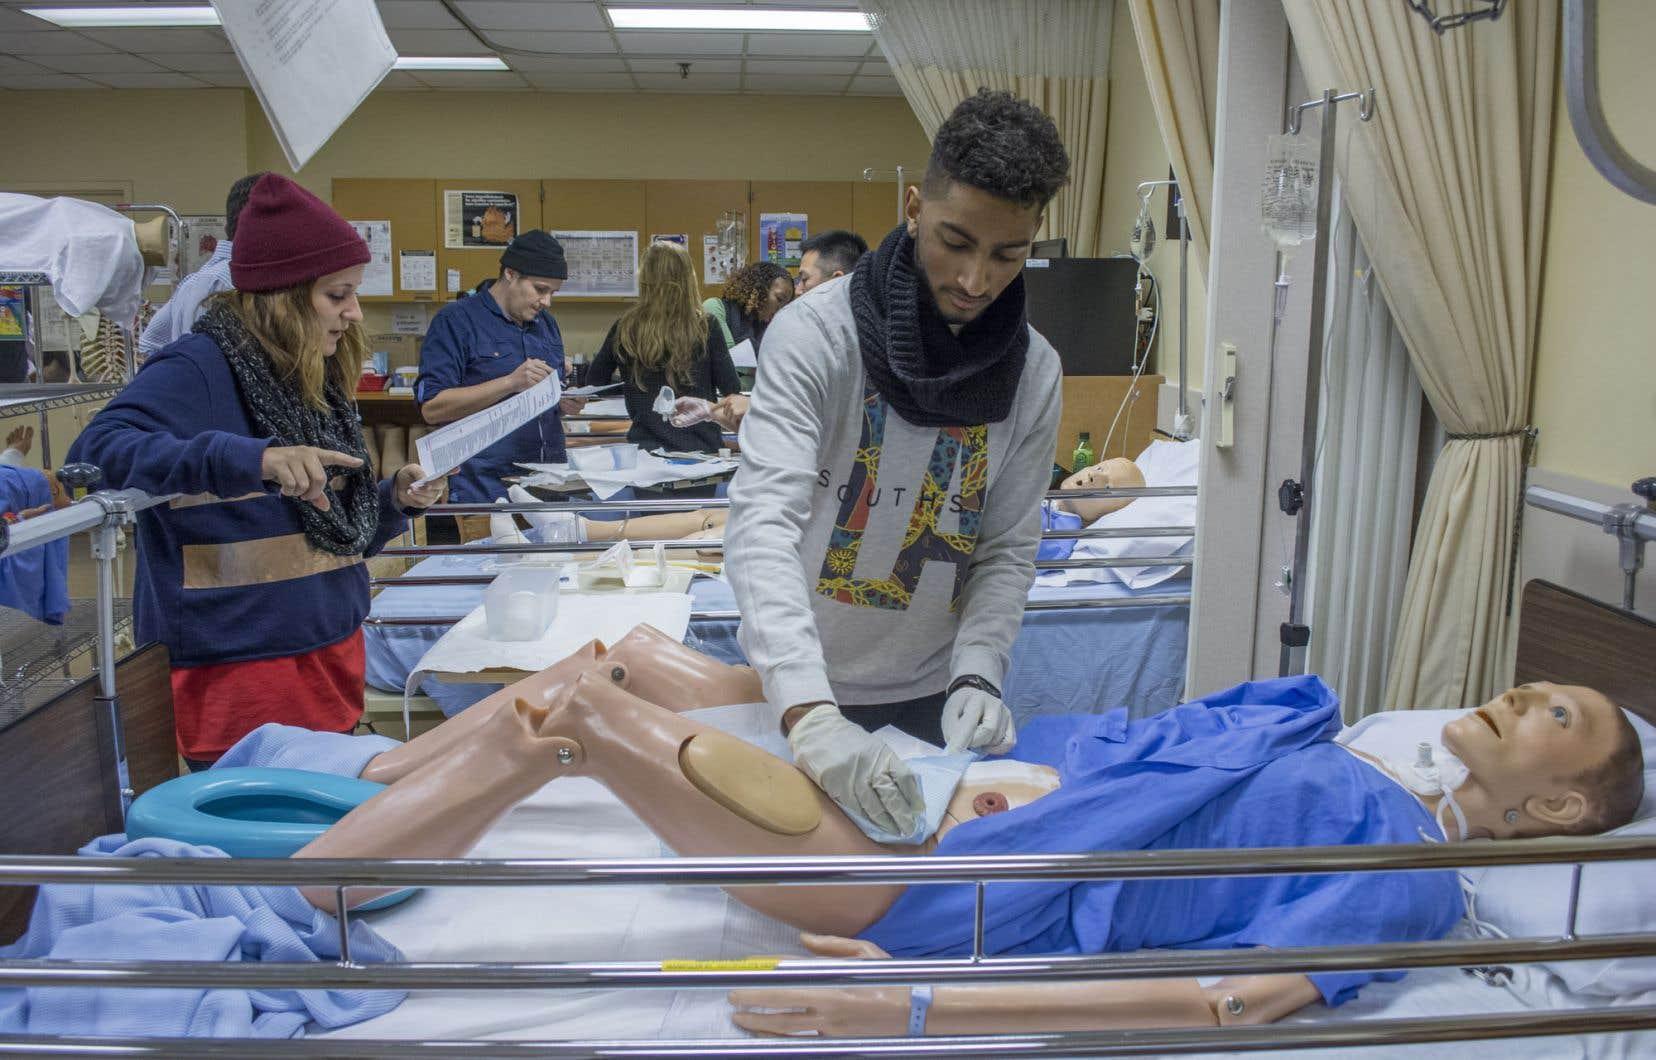 «Un élément d'importance est peu mentionné, voire non considéré dans ce débat, celui de la formation de la relève des infirmières», selon les auteurs.